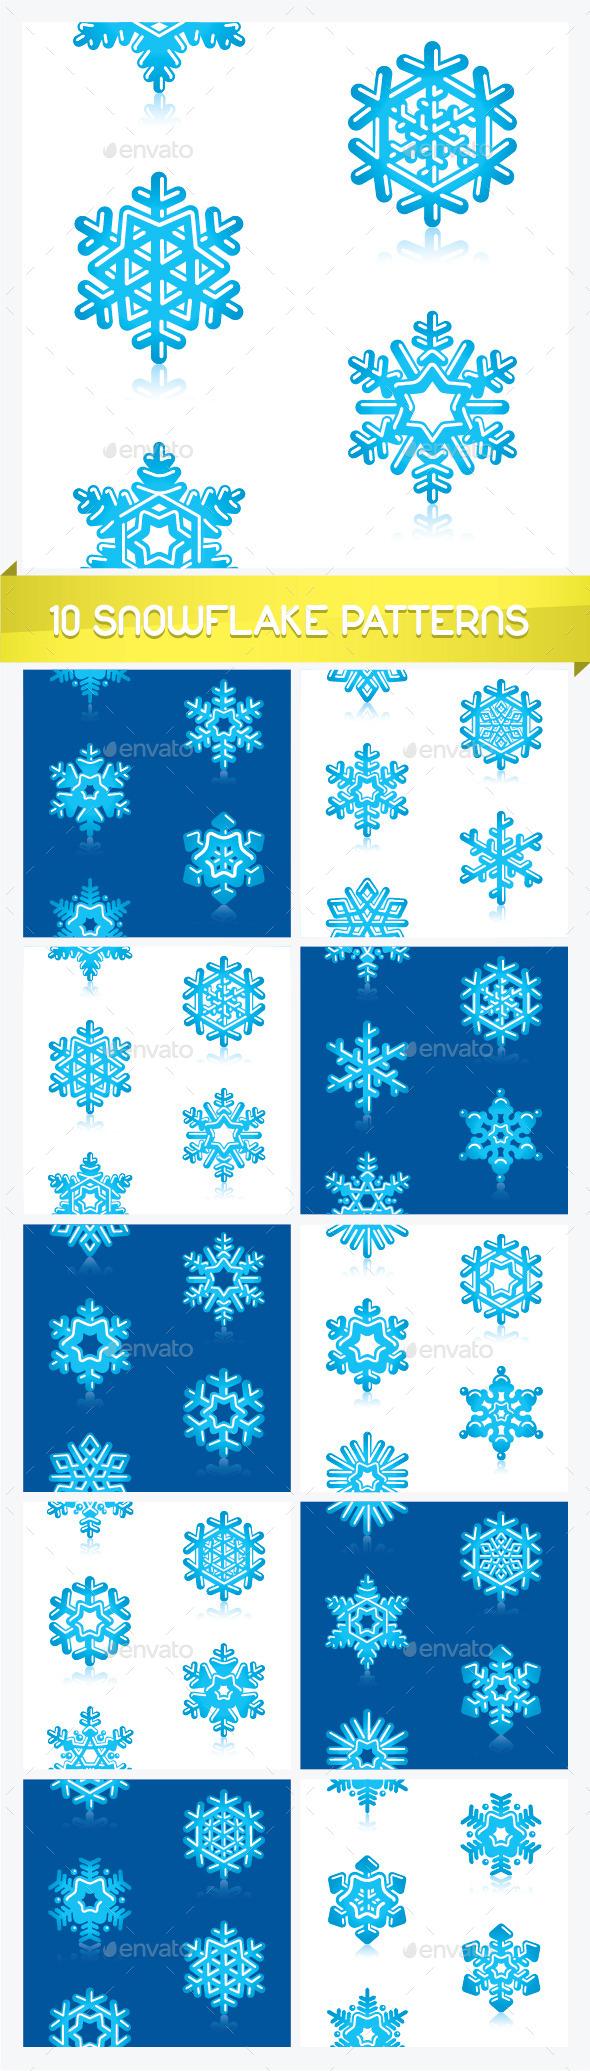 Ten Snowflake Patterns  - Seasons Nature